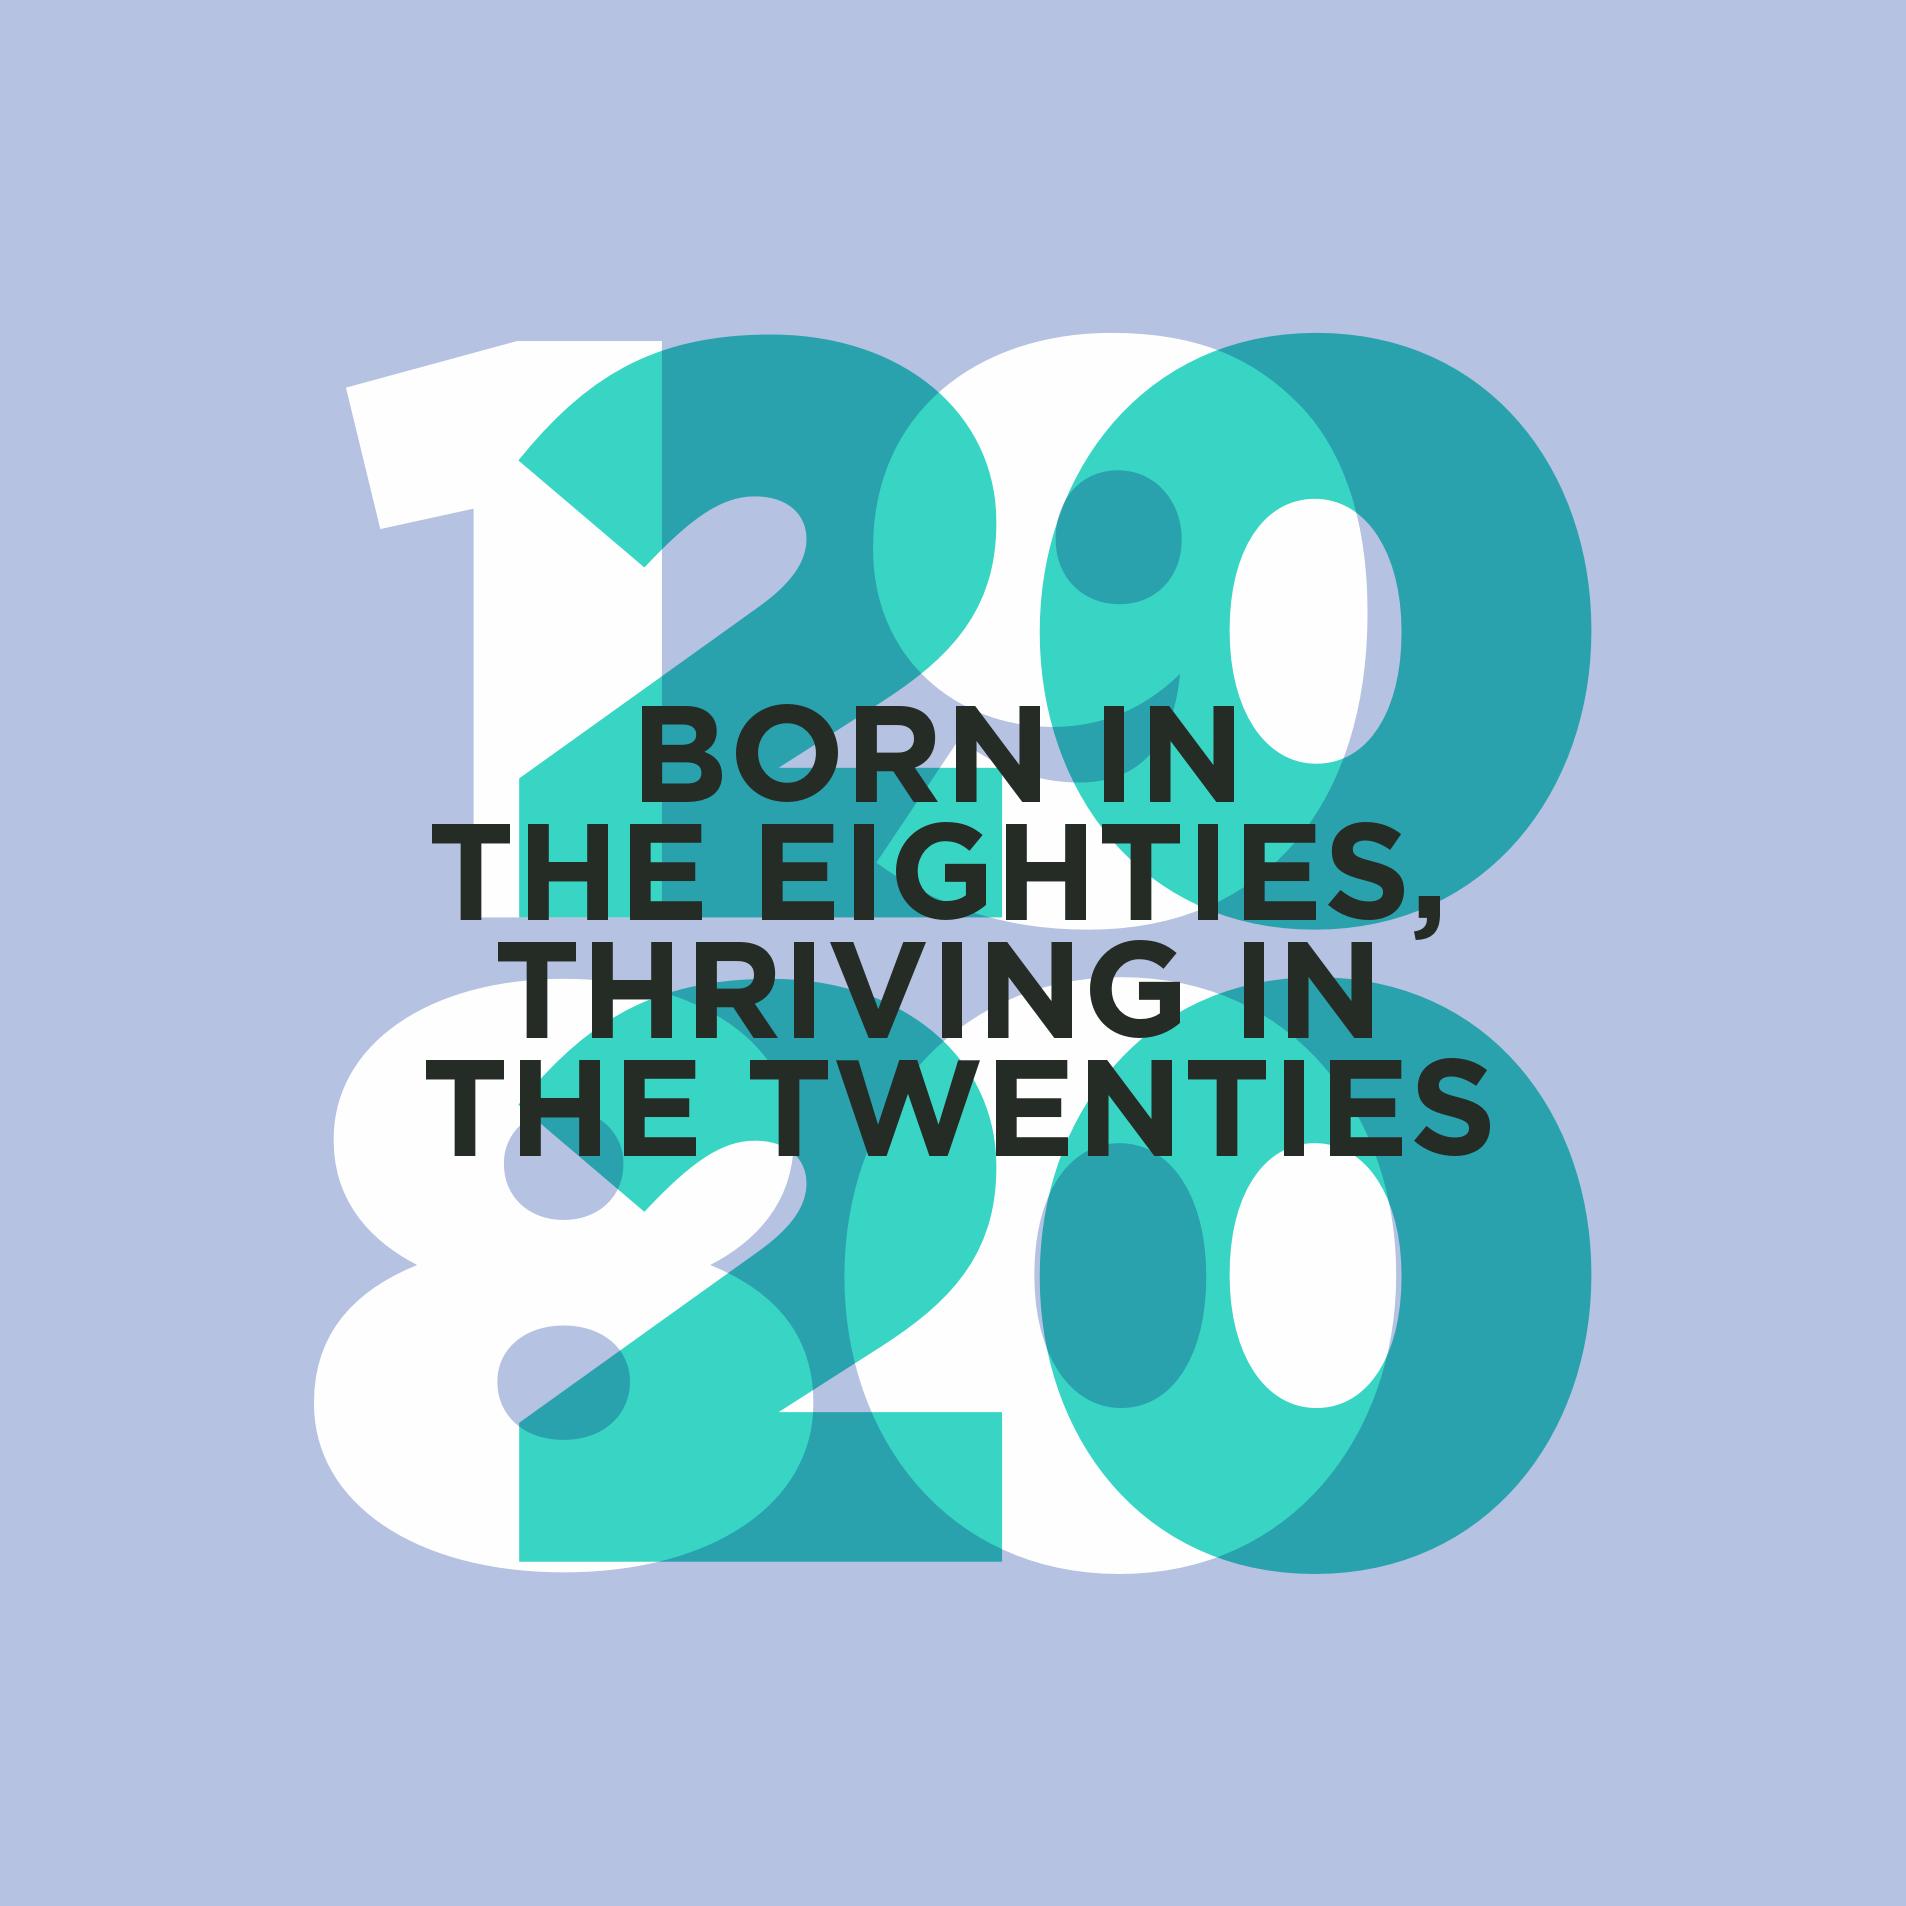 Born in the eighties, thriving in the twenties